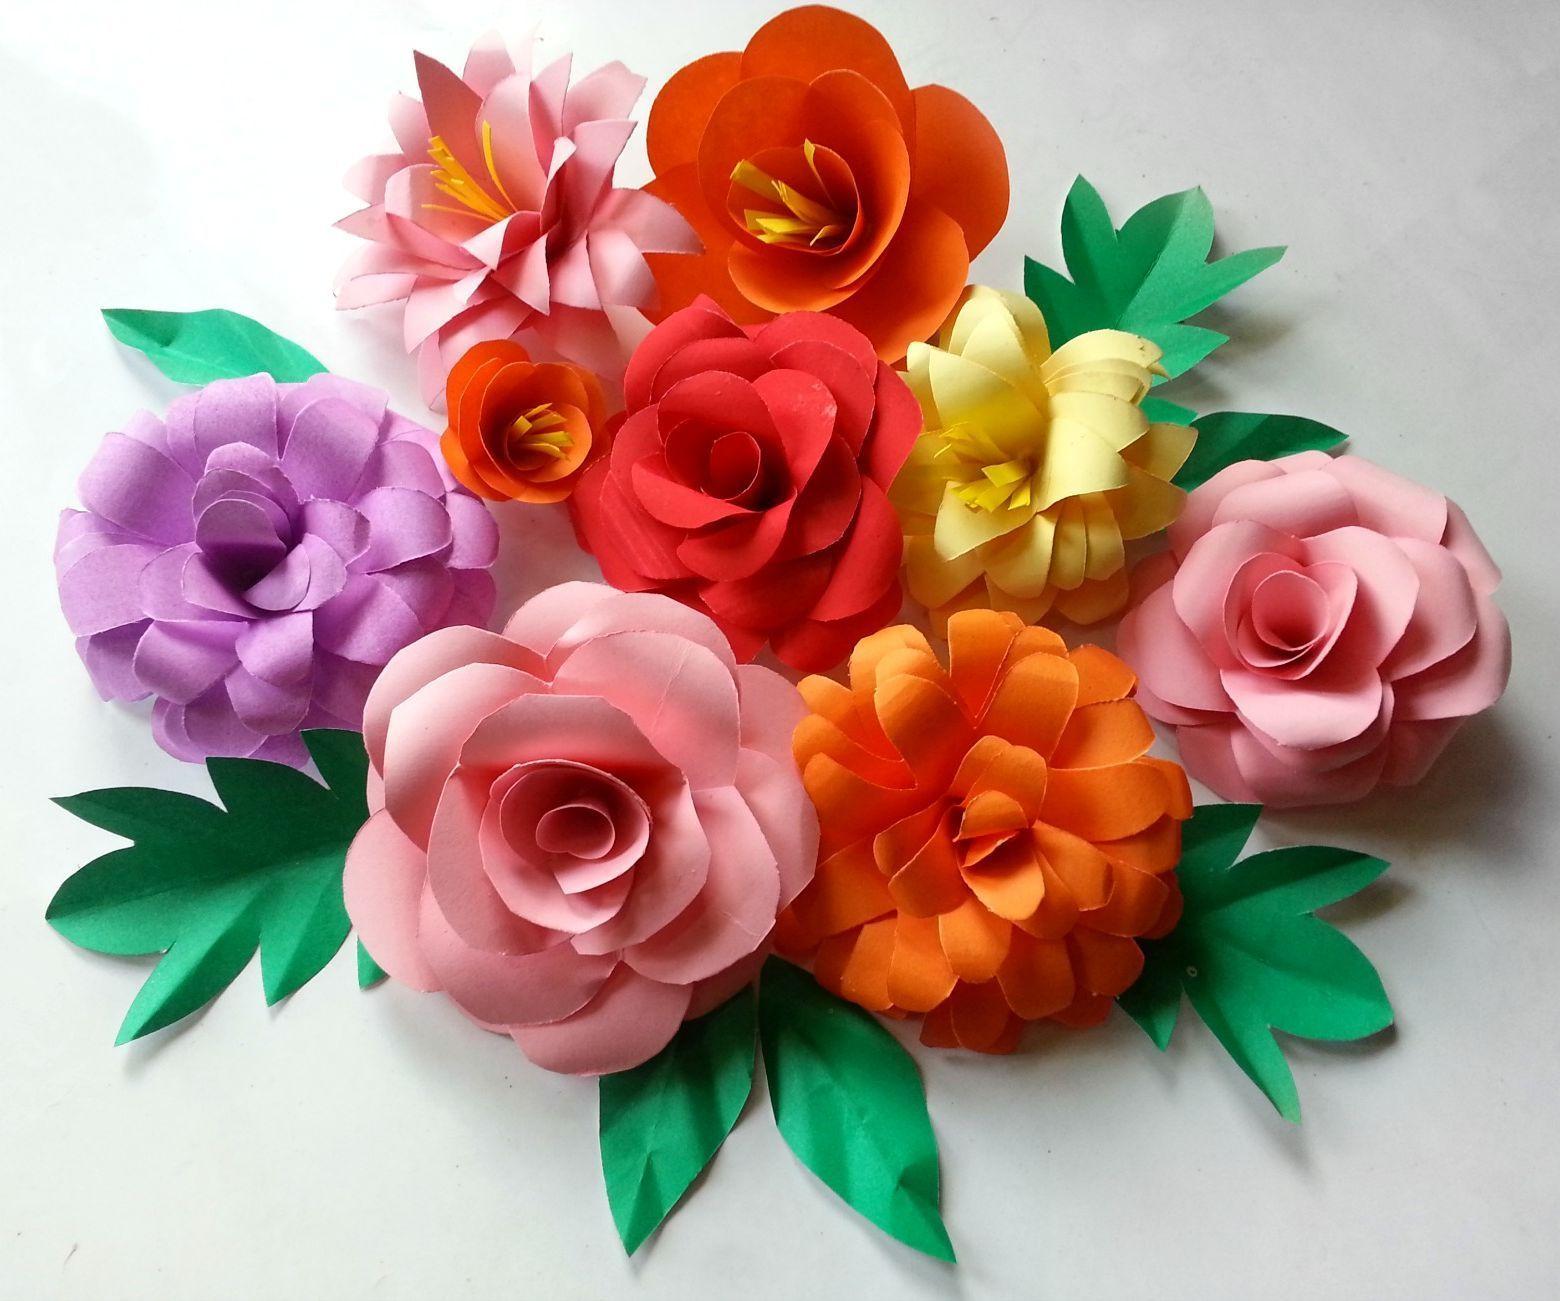 Приглашения, как сделать красивые цветы из цветной бумаги своими руками